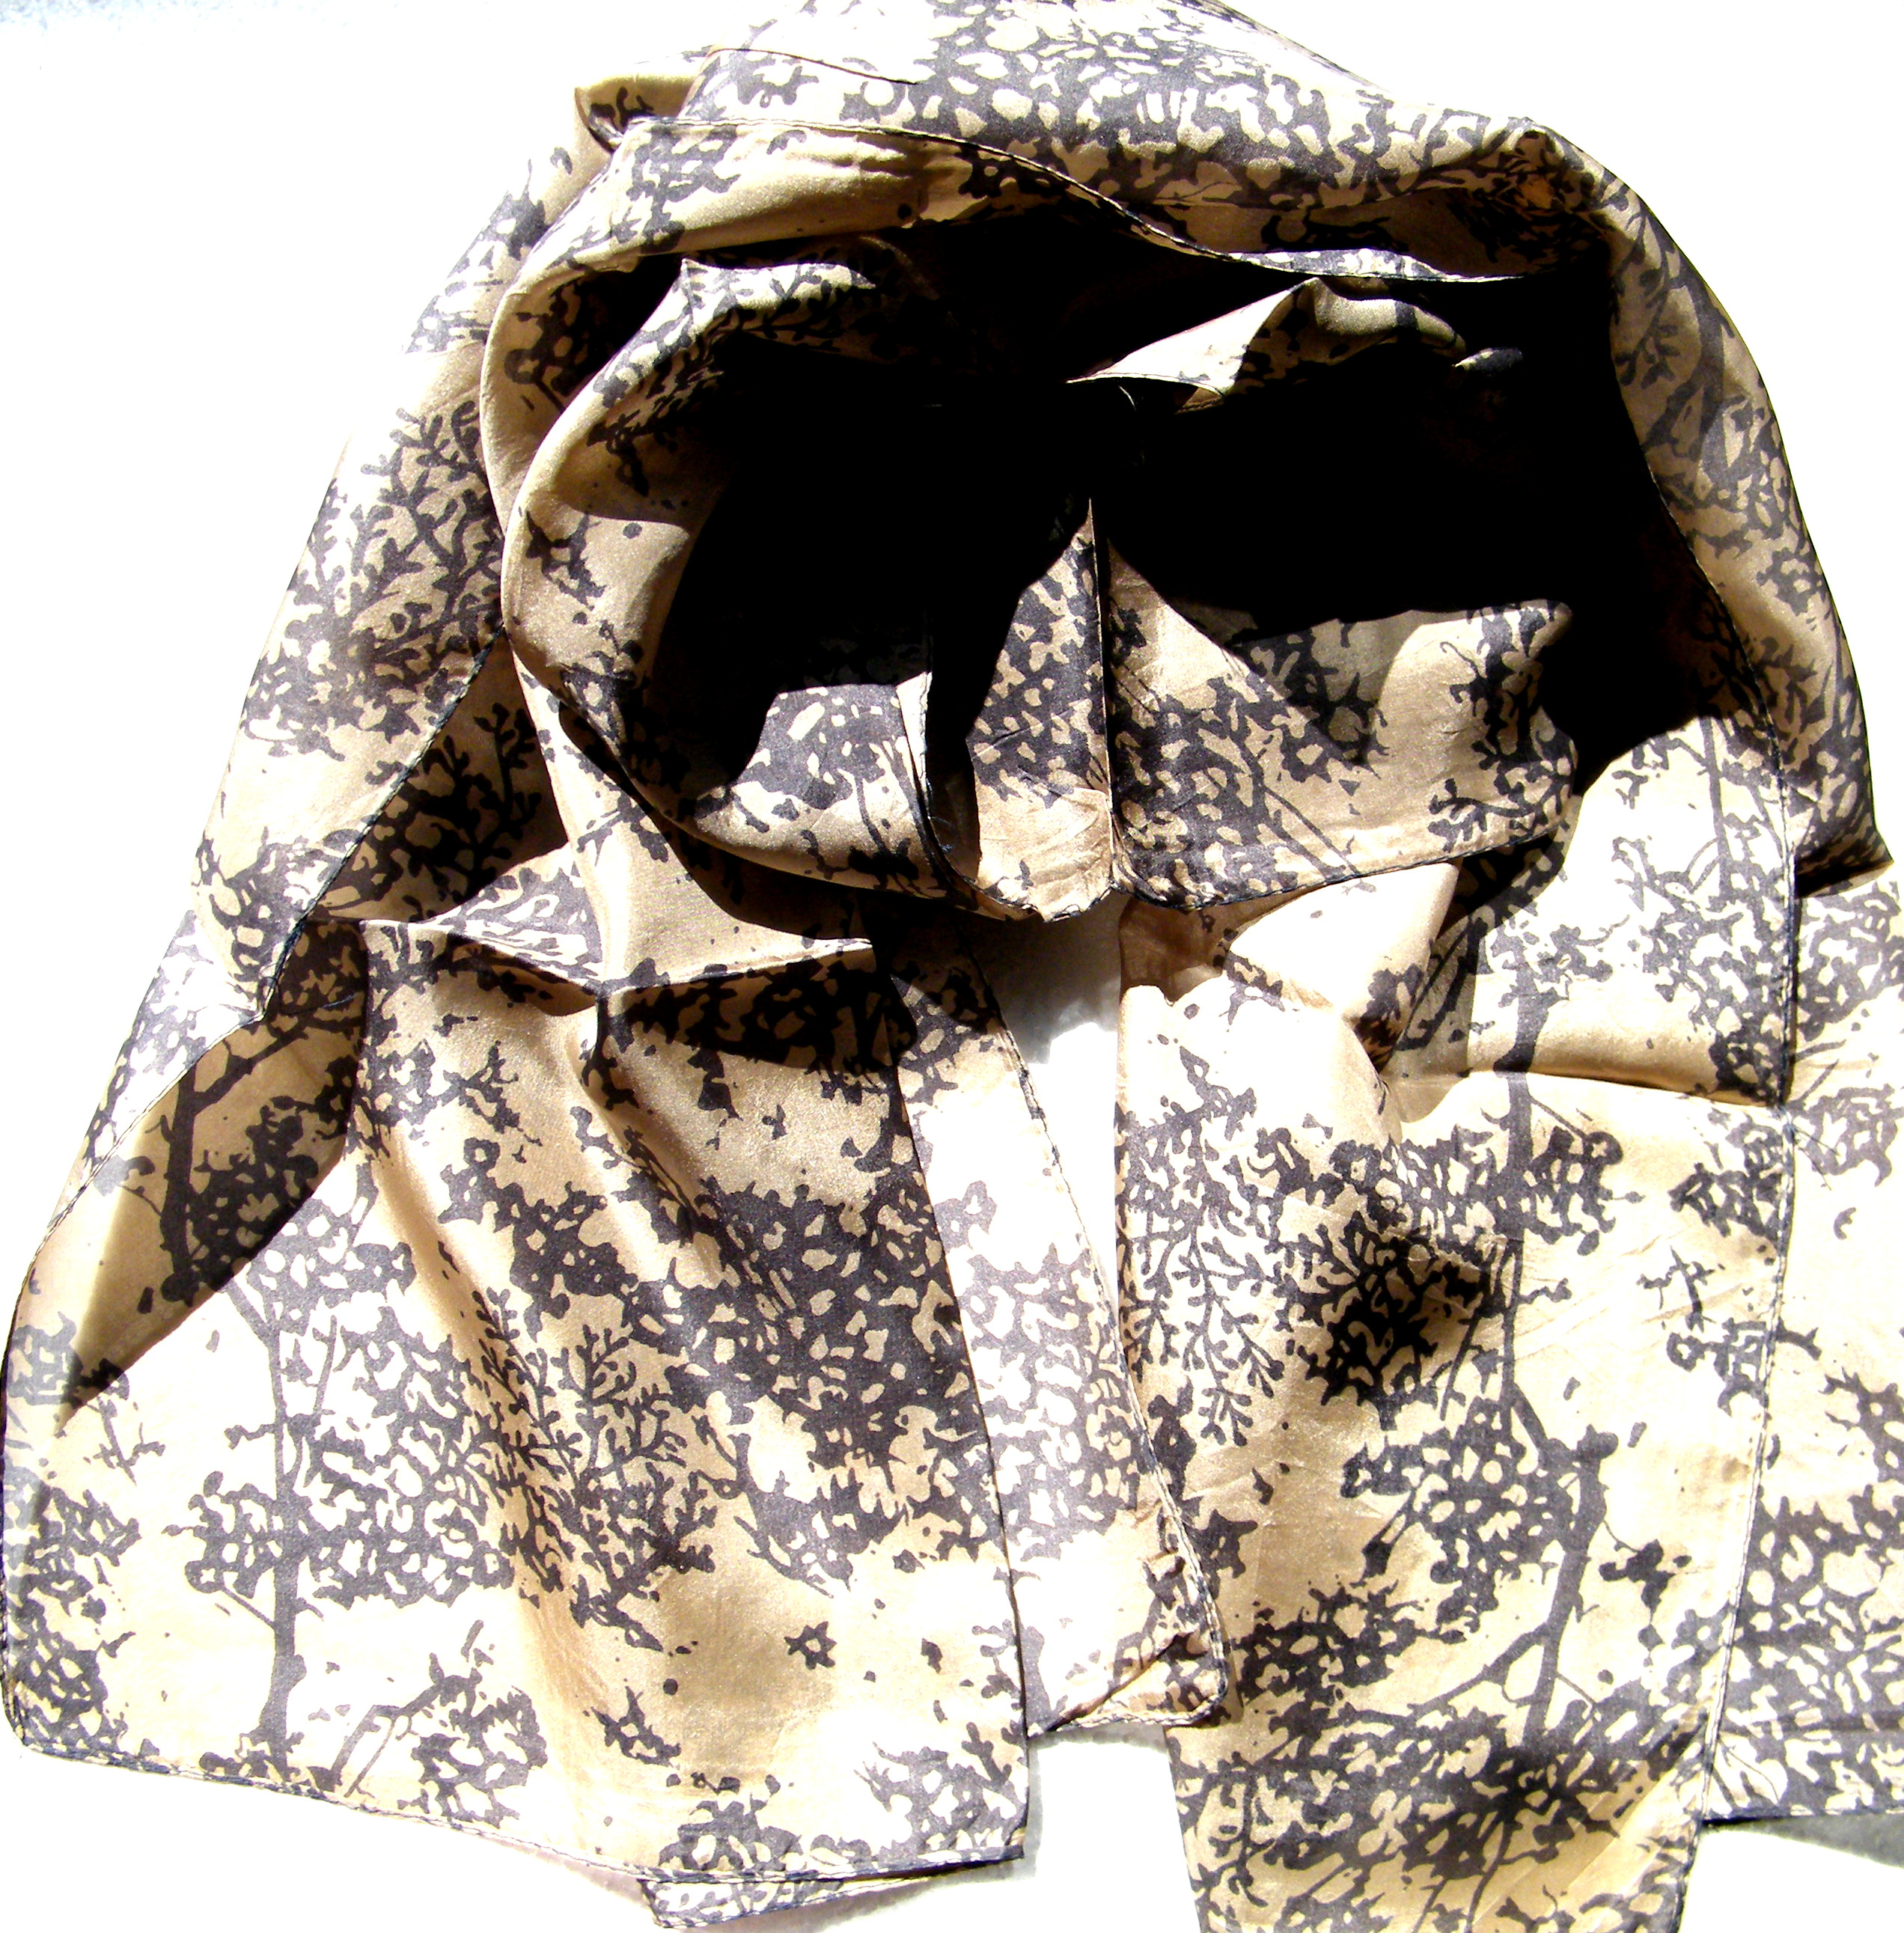 Absztrakt mintás selyem sál 100% valódi selyem szürke drapp Tibetan Shop  Tharjay Norbu Zangpo 731e27a2f9